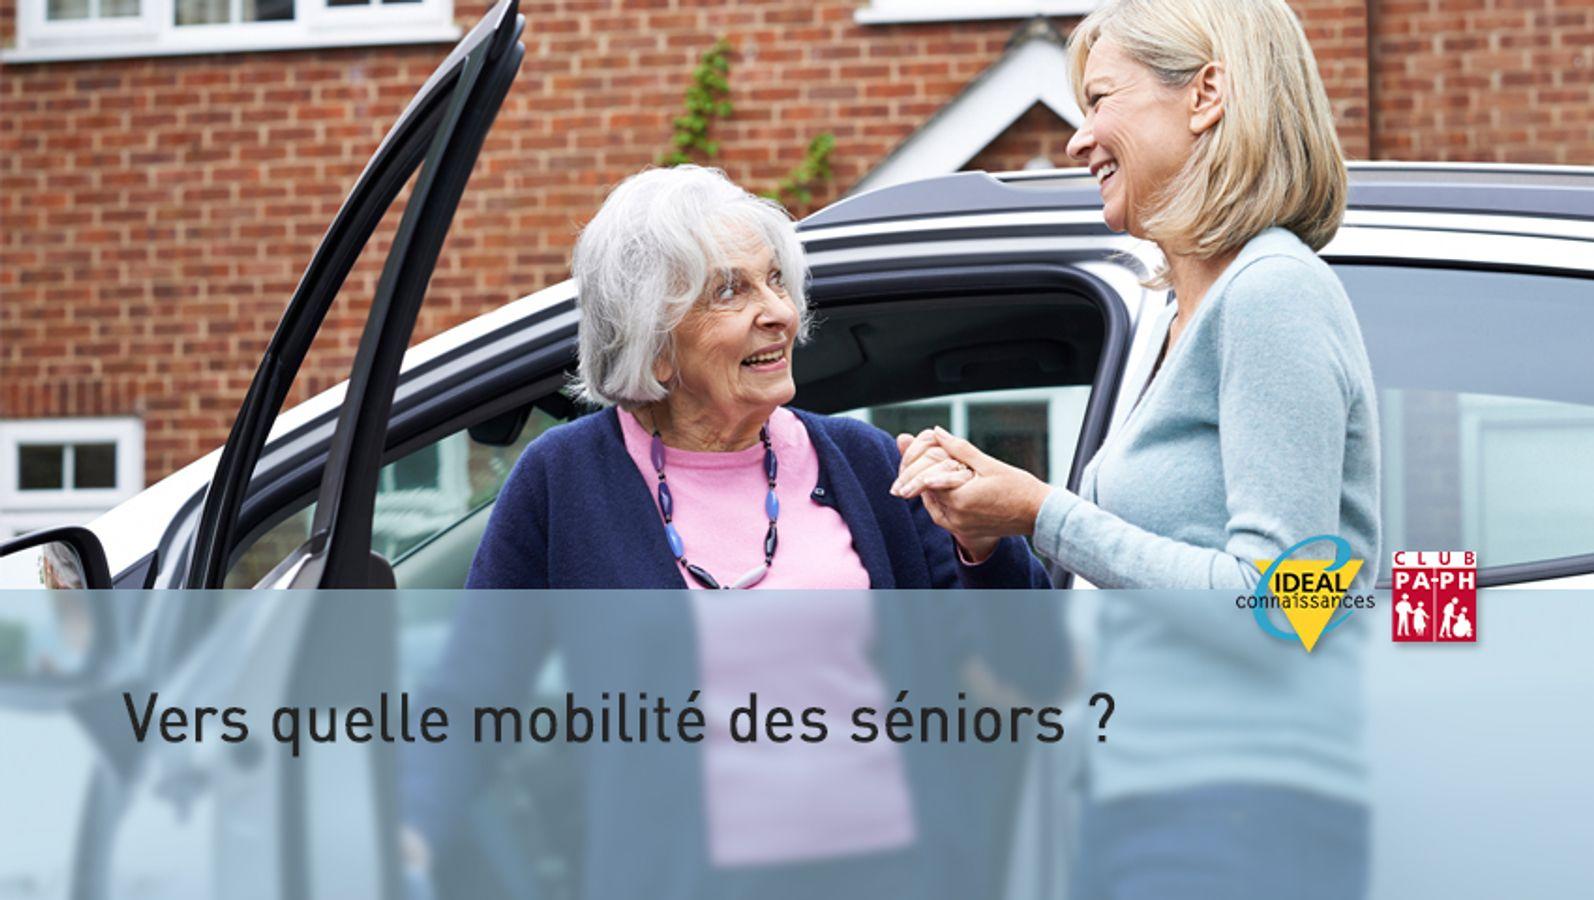 Vers quelle mobilité des séniors ?